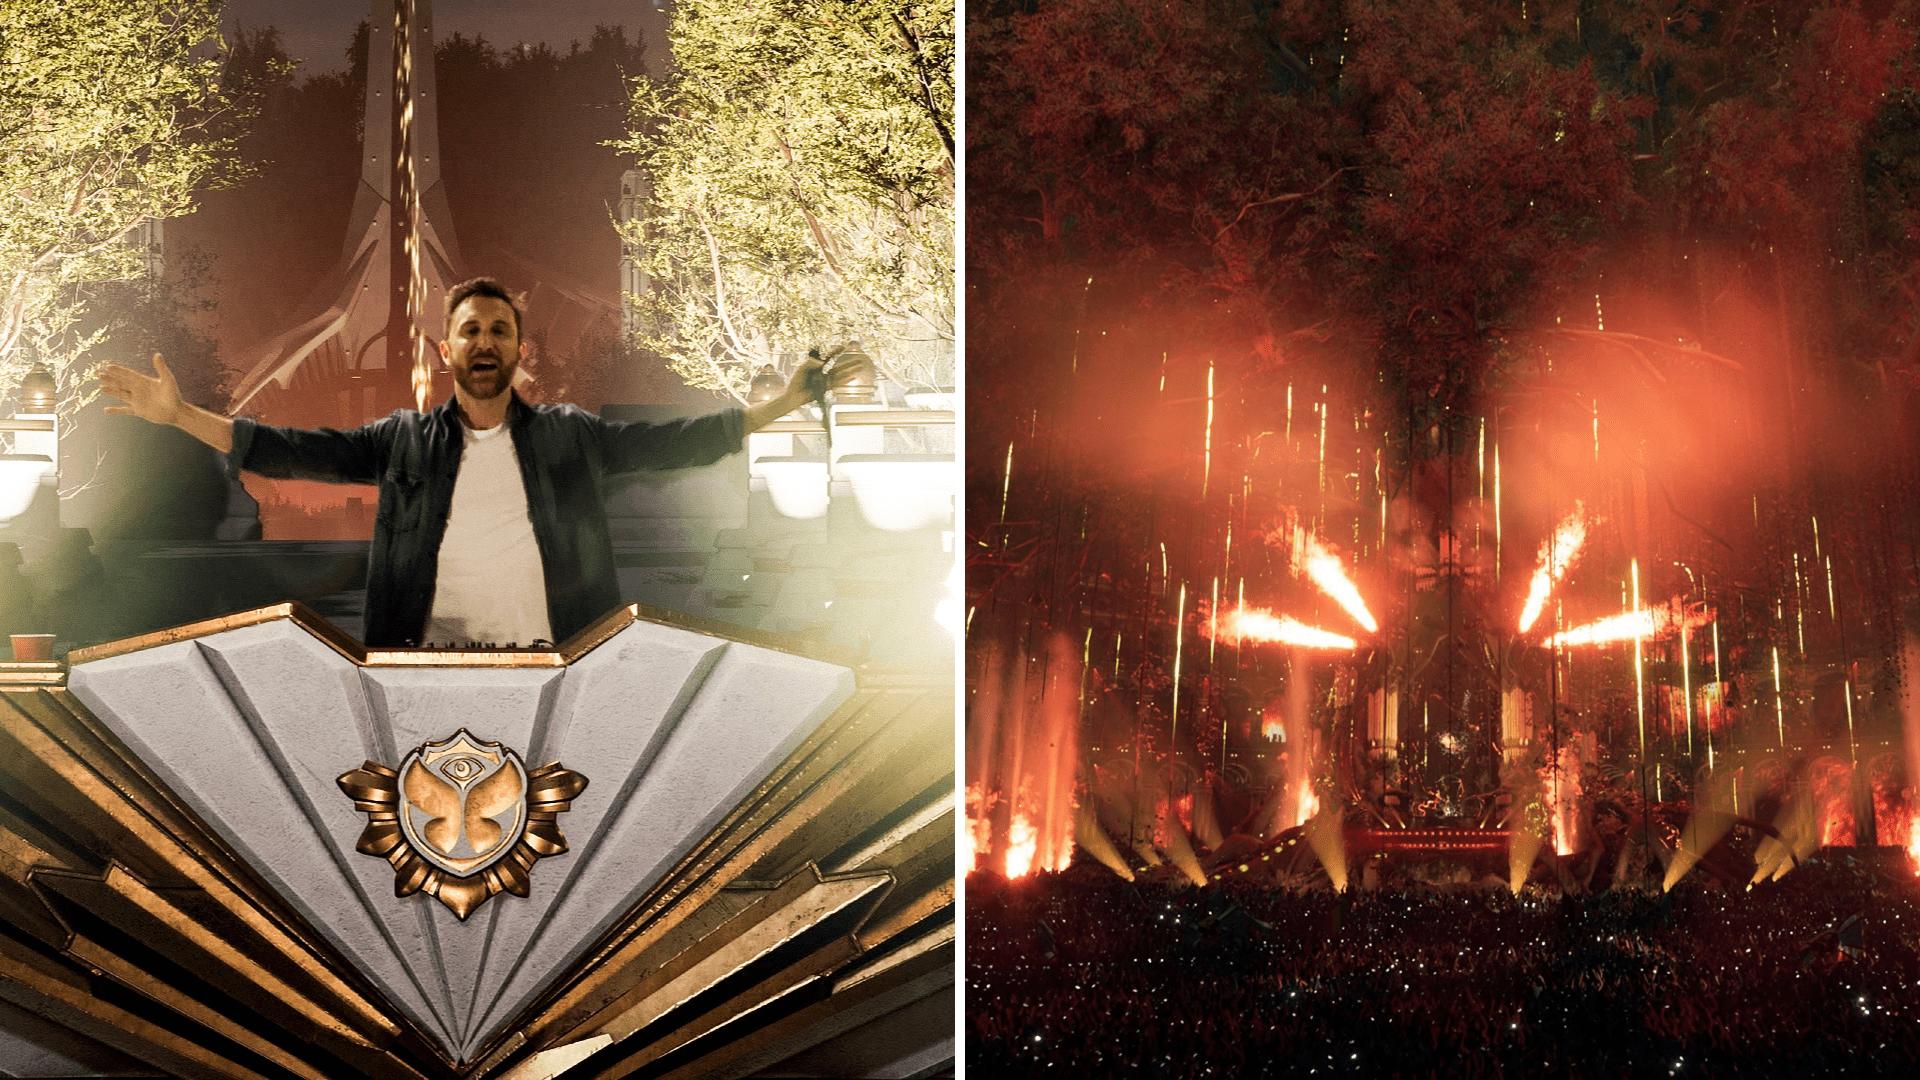 David Guetta at Tomorrowland NYE